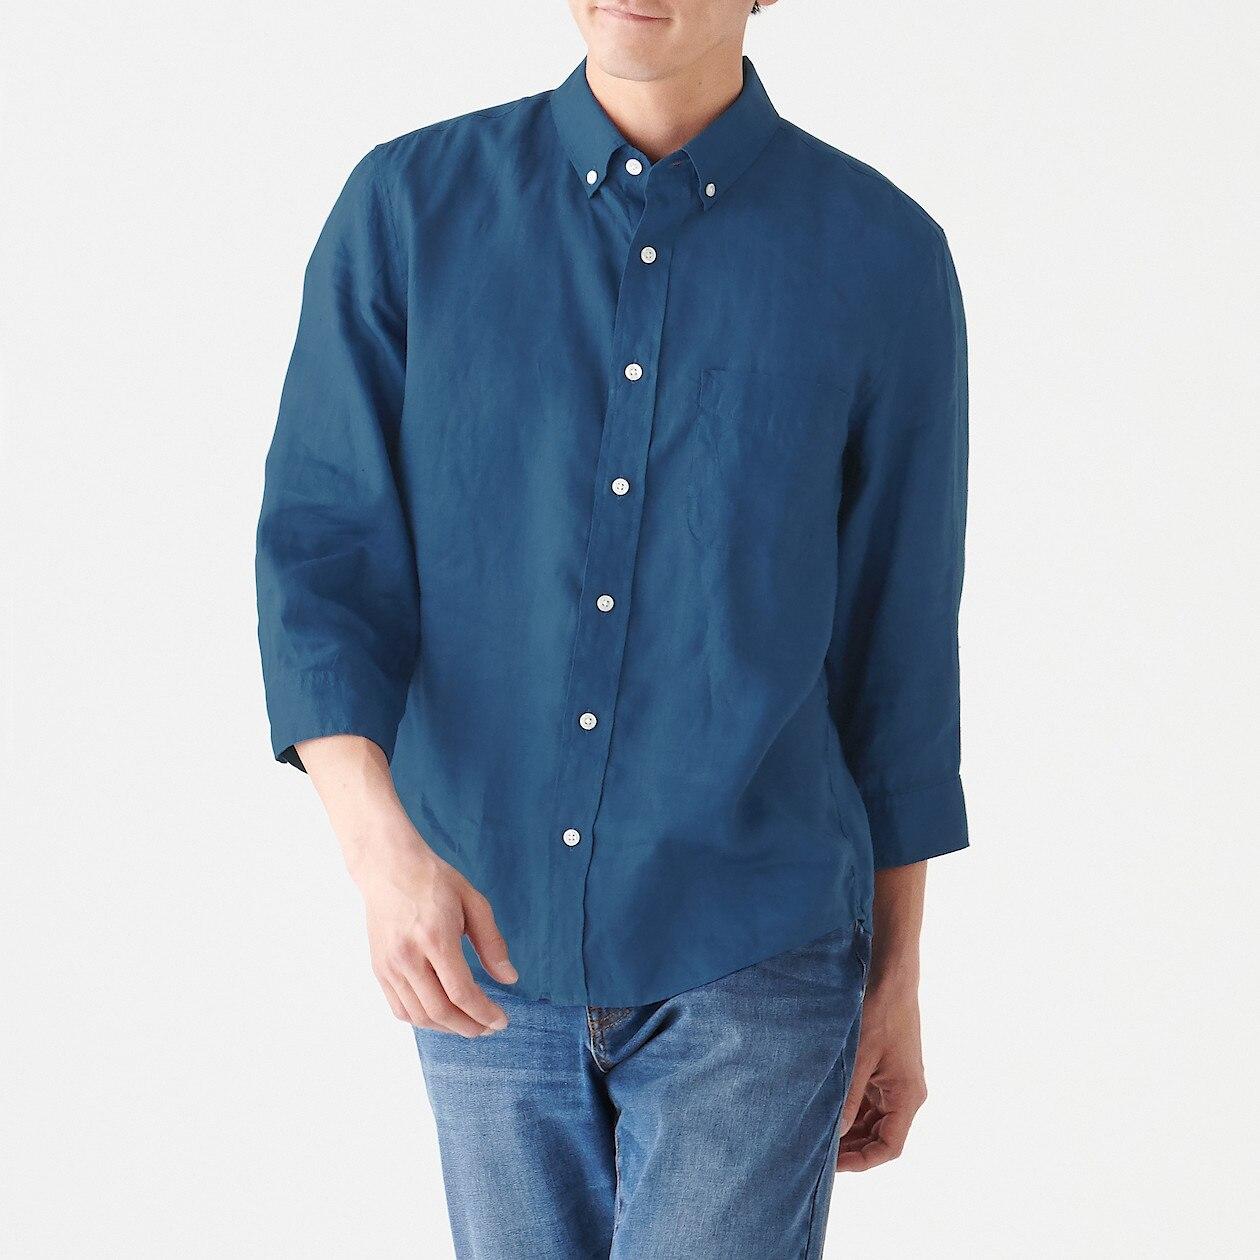 フレンチリネン洗いざらしボタンダウン七分袖シャツ